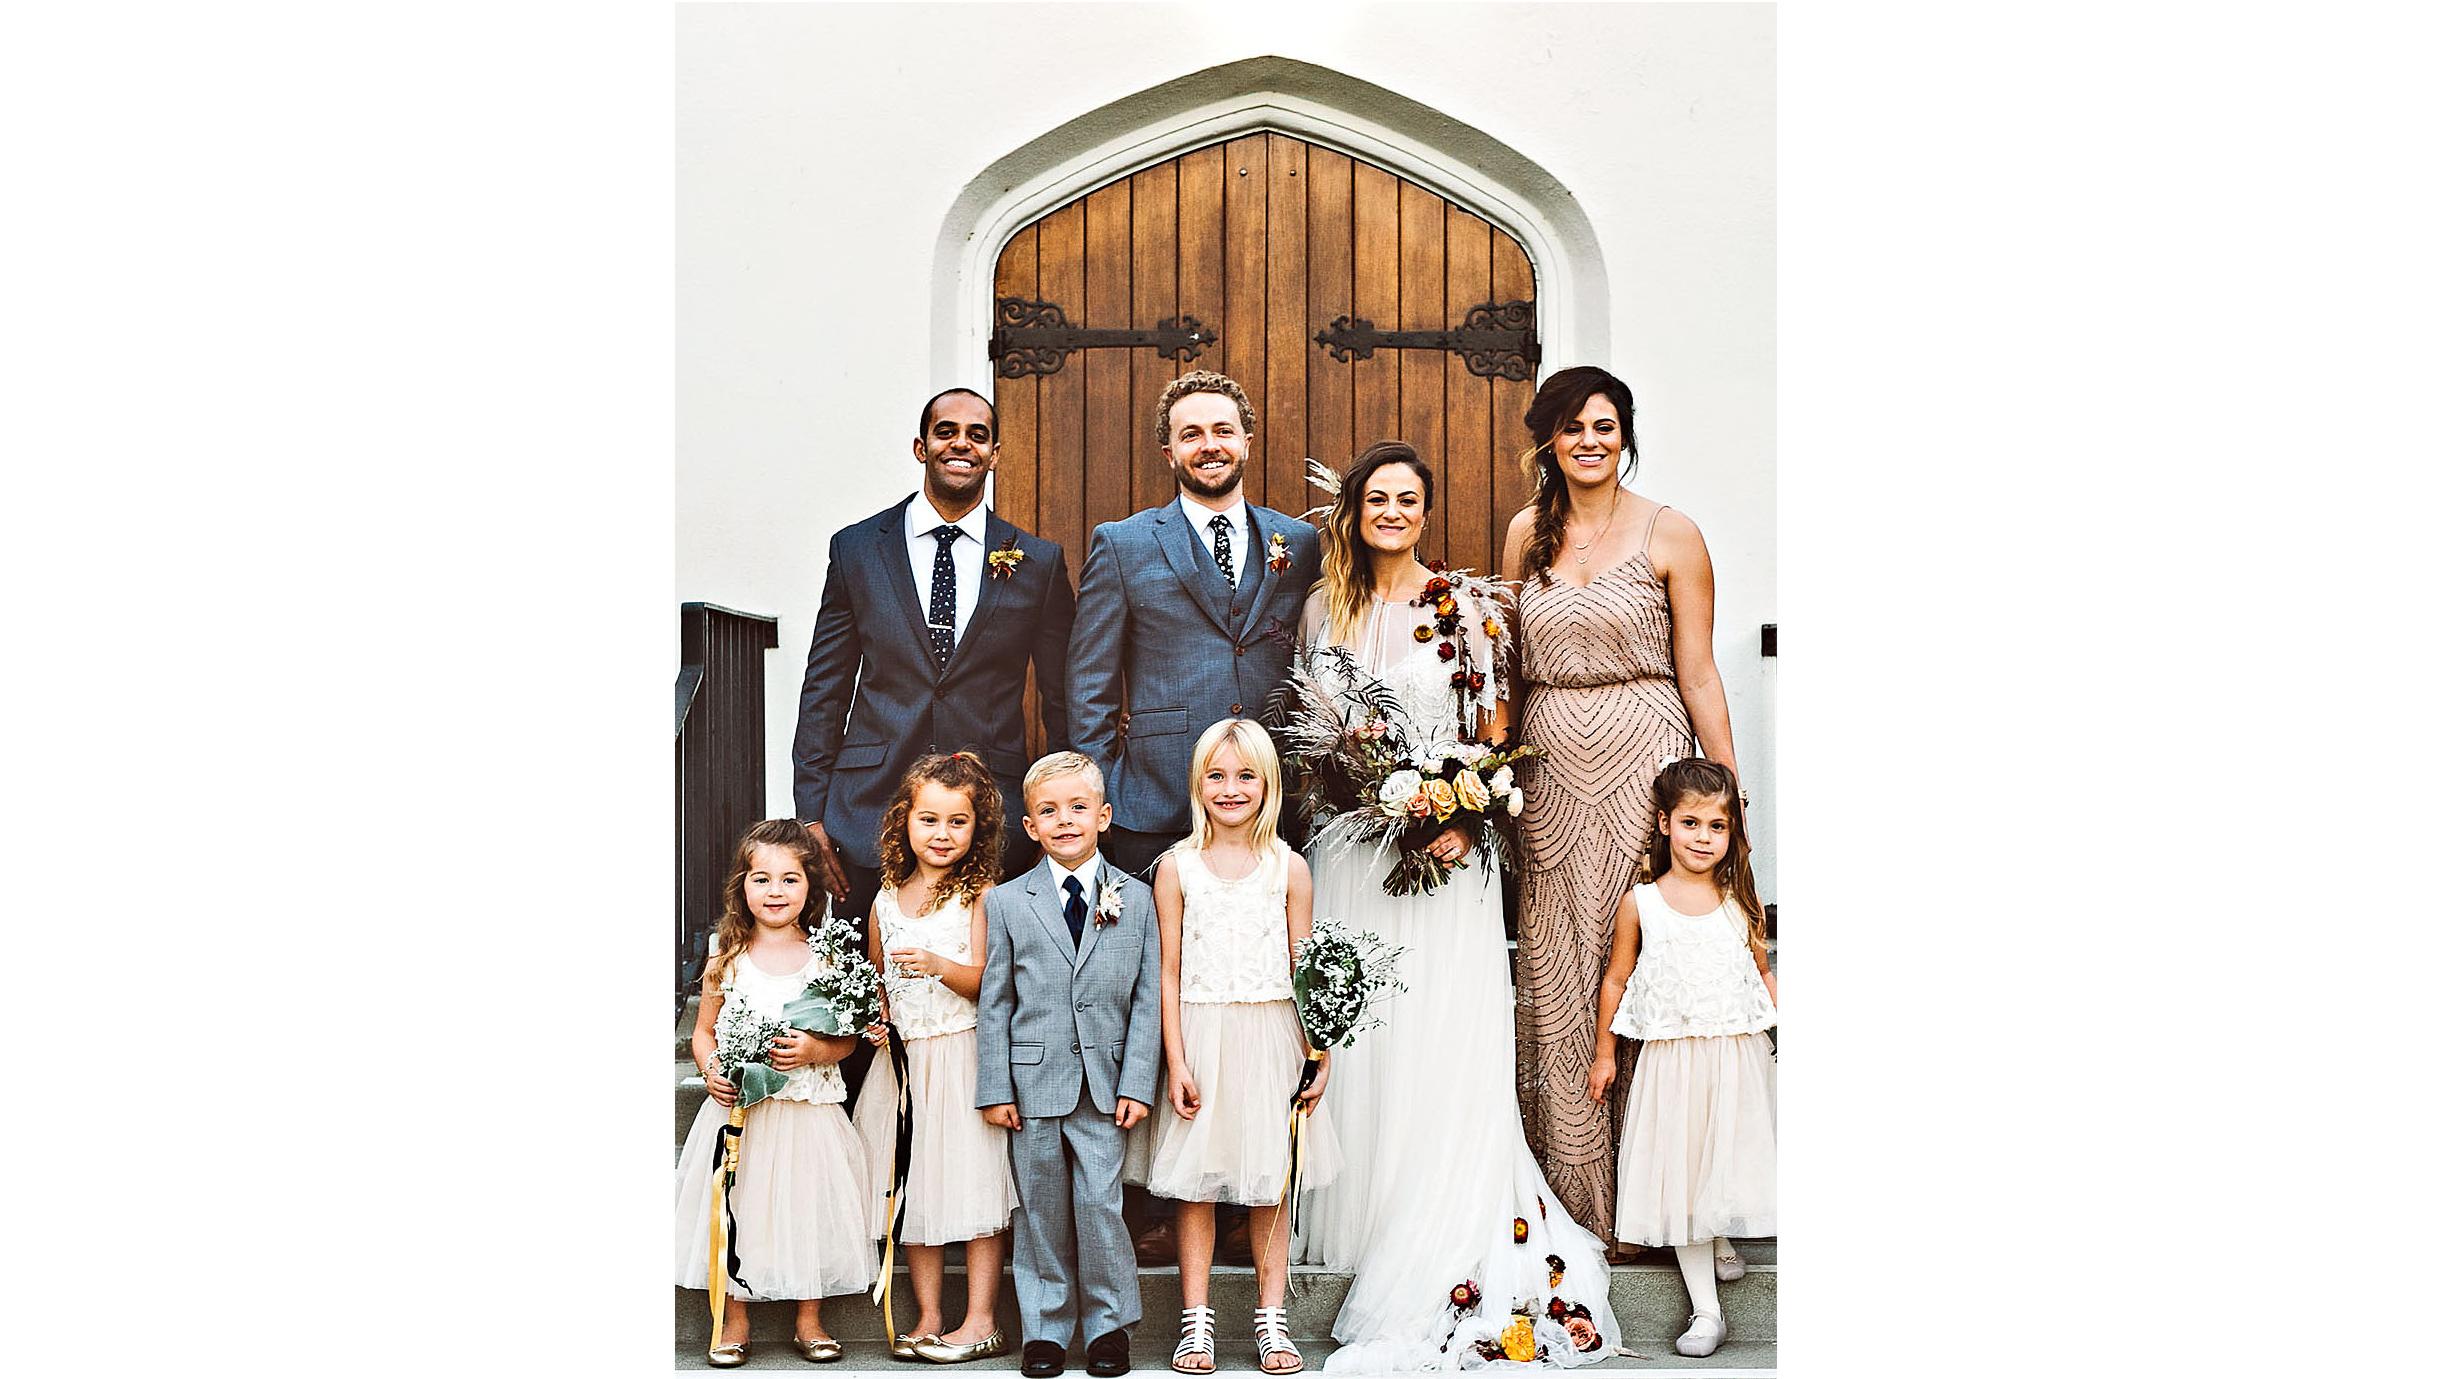 lori john wedding california bridal party